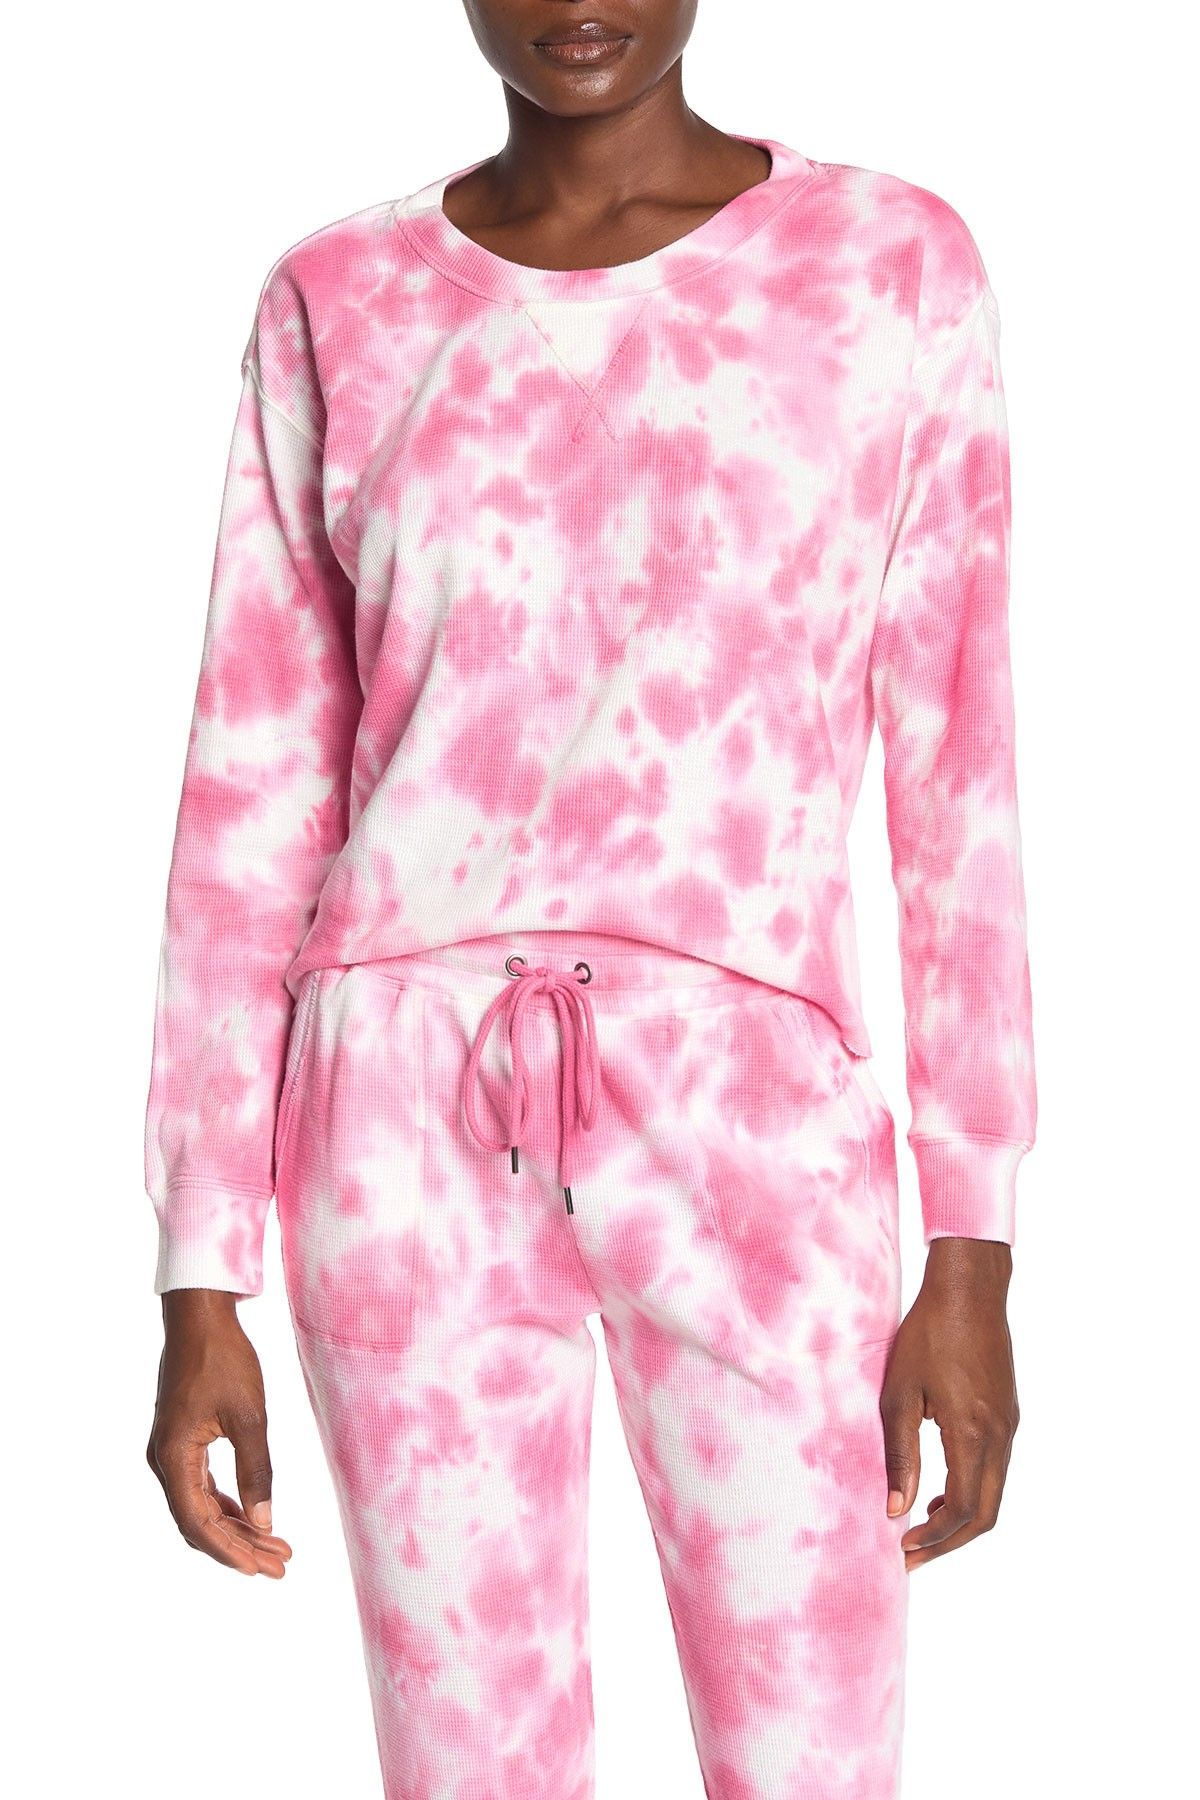 Splendid Tie Dye Sweatshirt Hautelook Tie Dye Sweatshirt Tie Dye Pants Tie Dye [ 1800 x 1200 Pixel ]